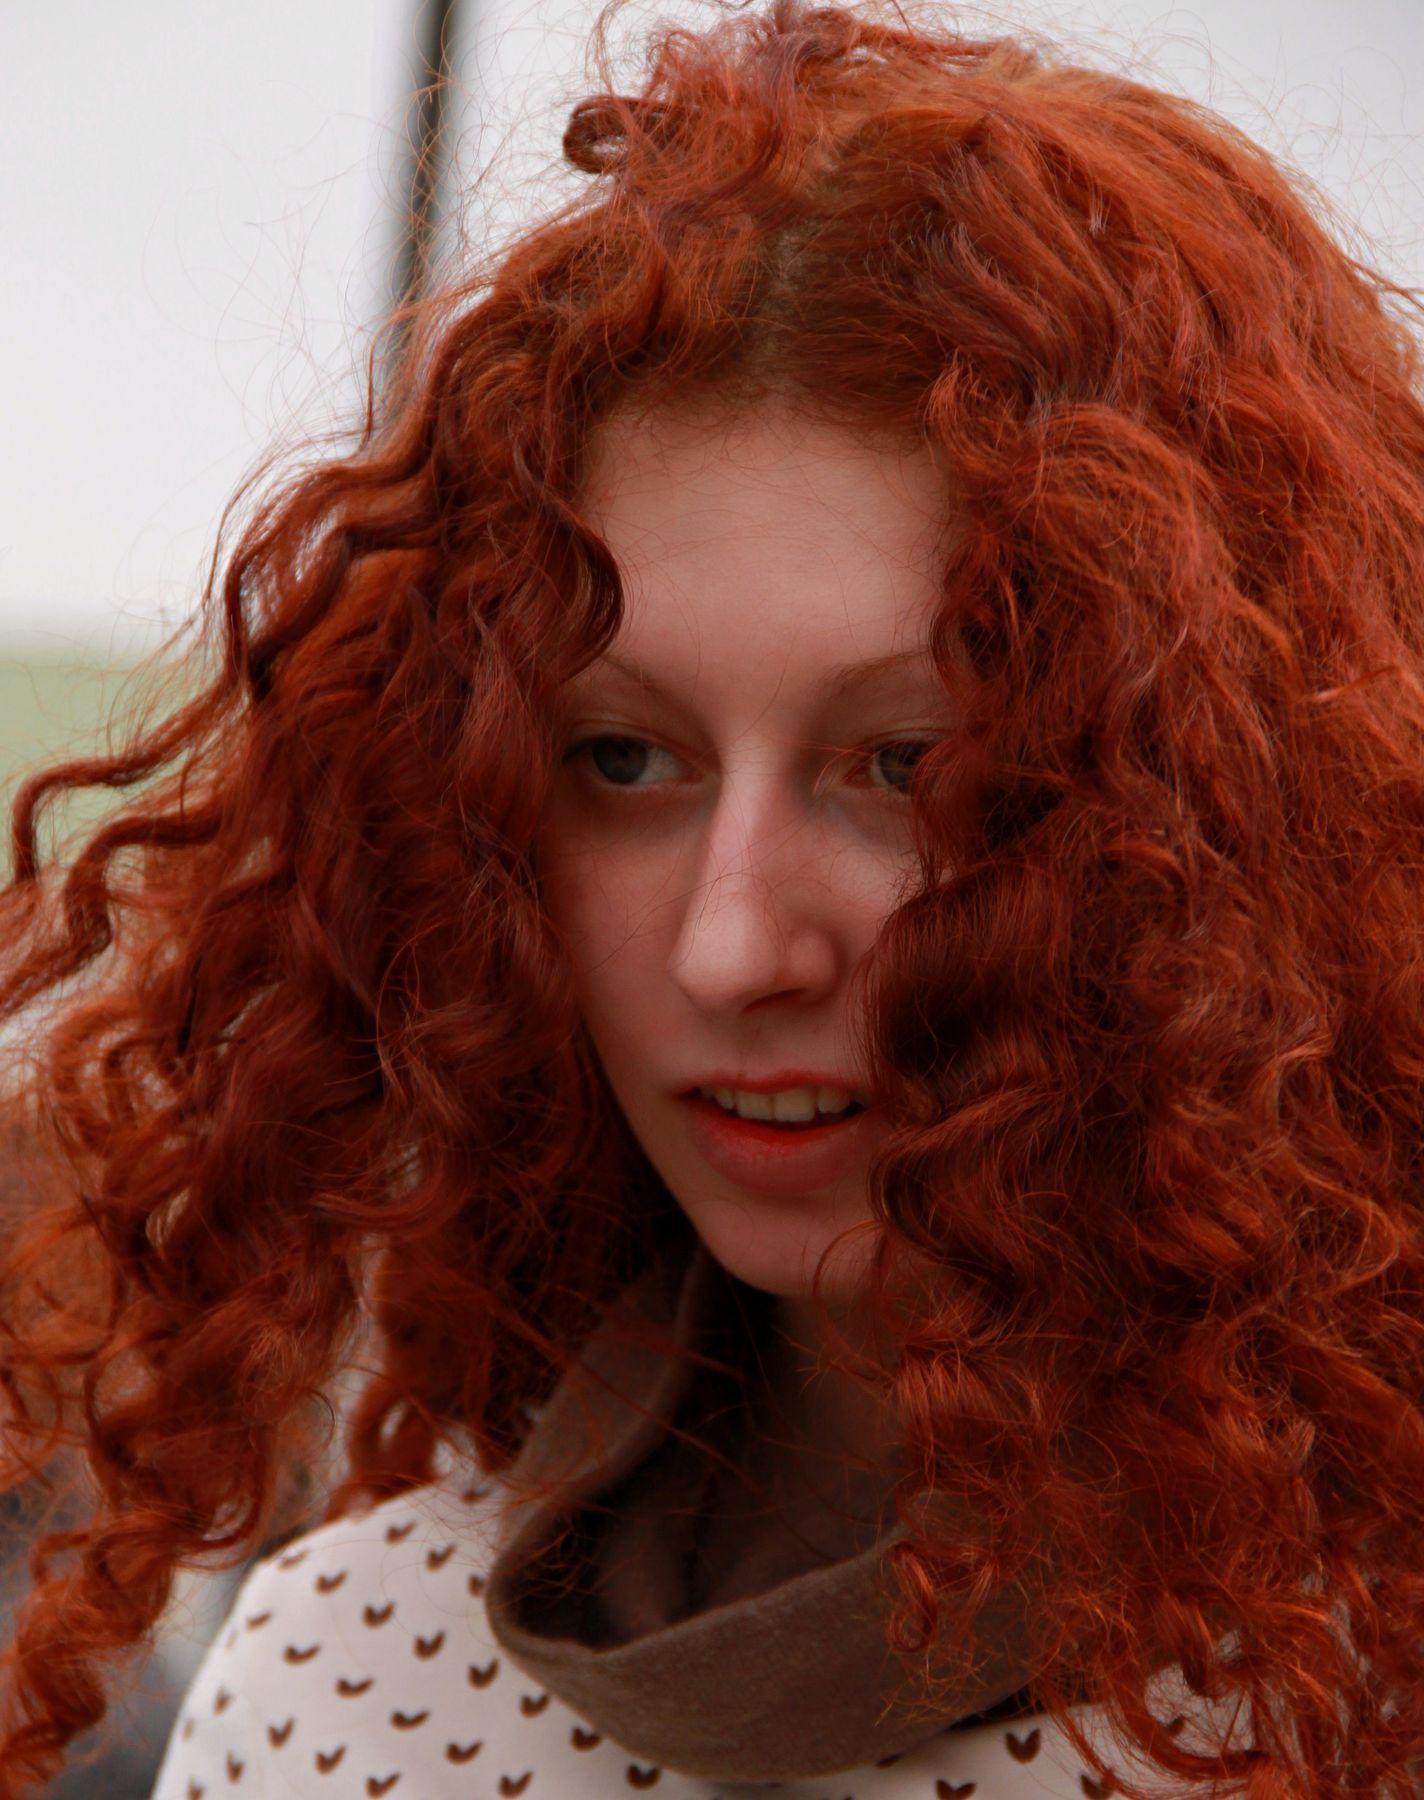 Рыжик люди лица город прохожие уличный портрет стрит девушки